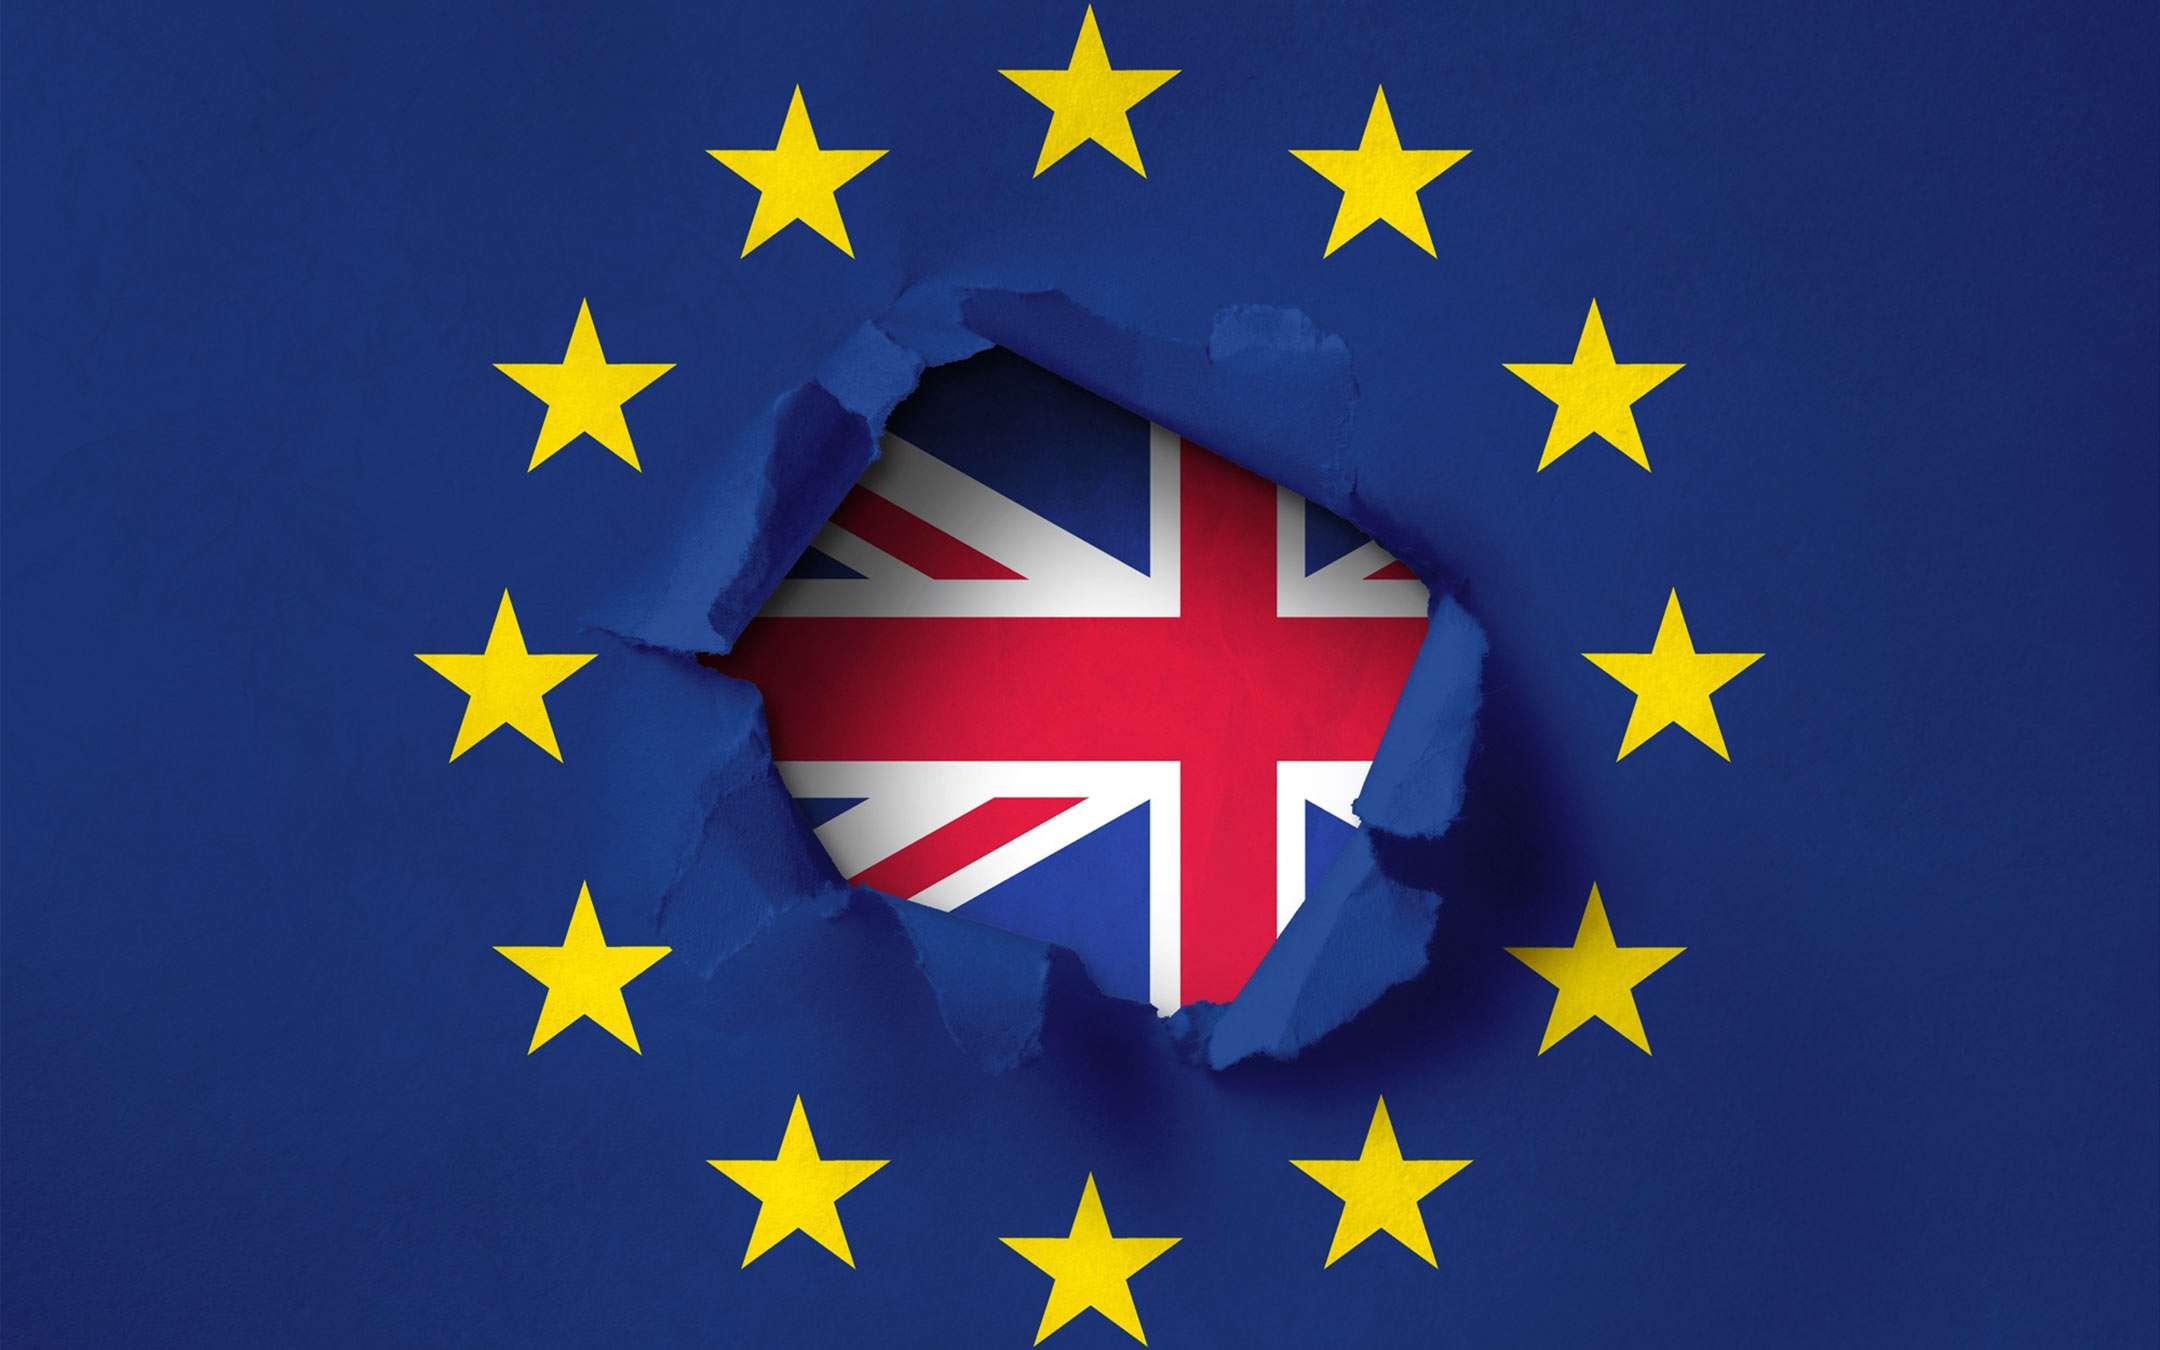 No roaming in the UK despite Brexit